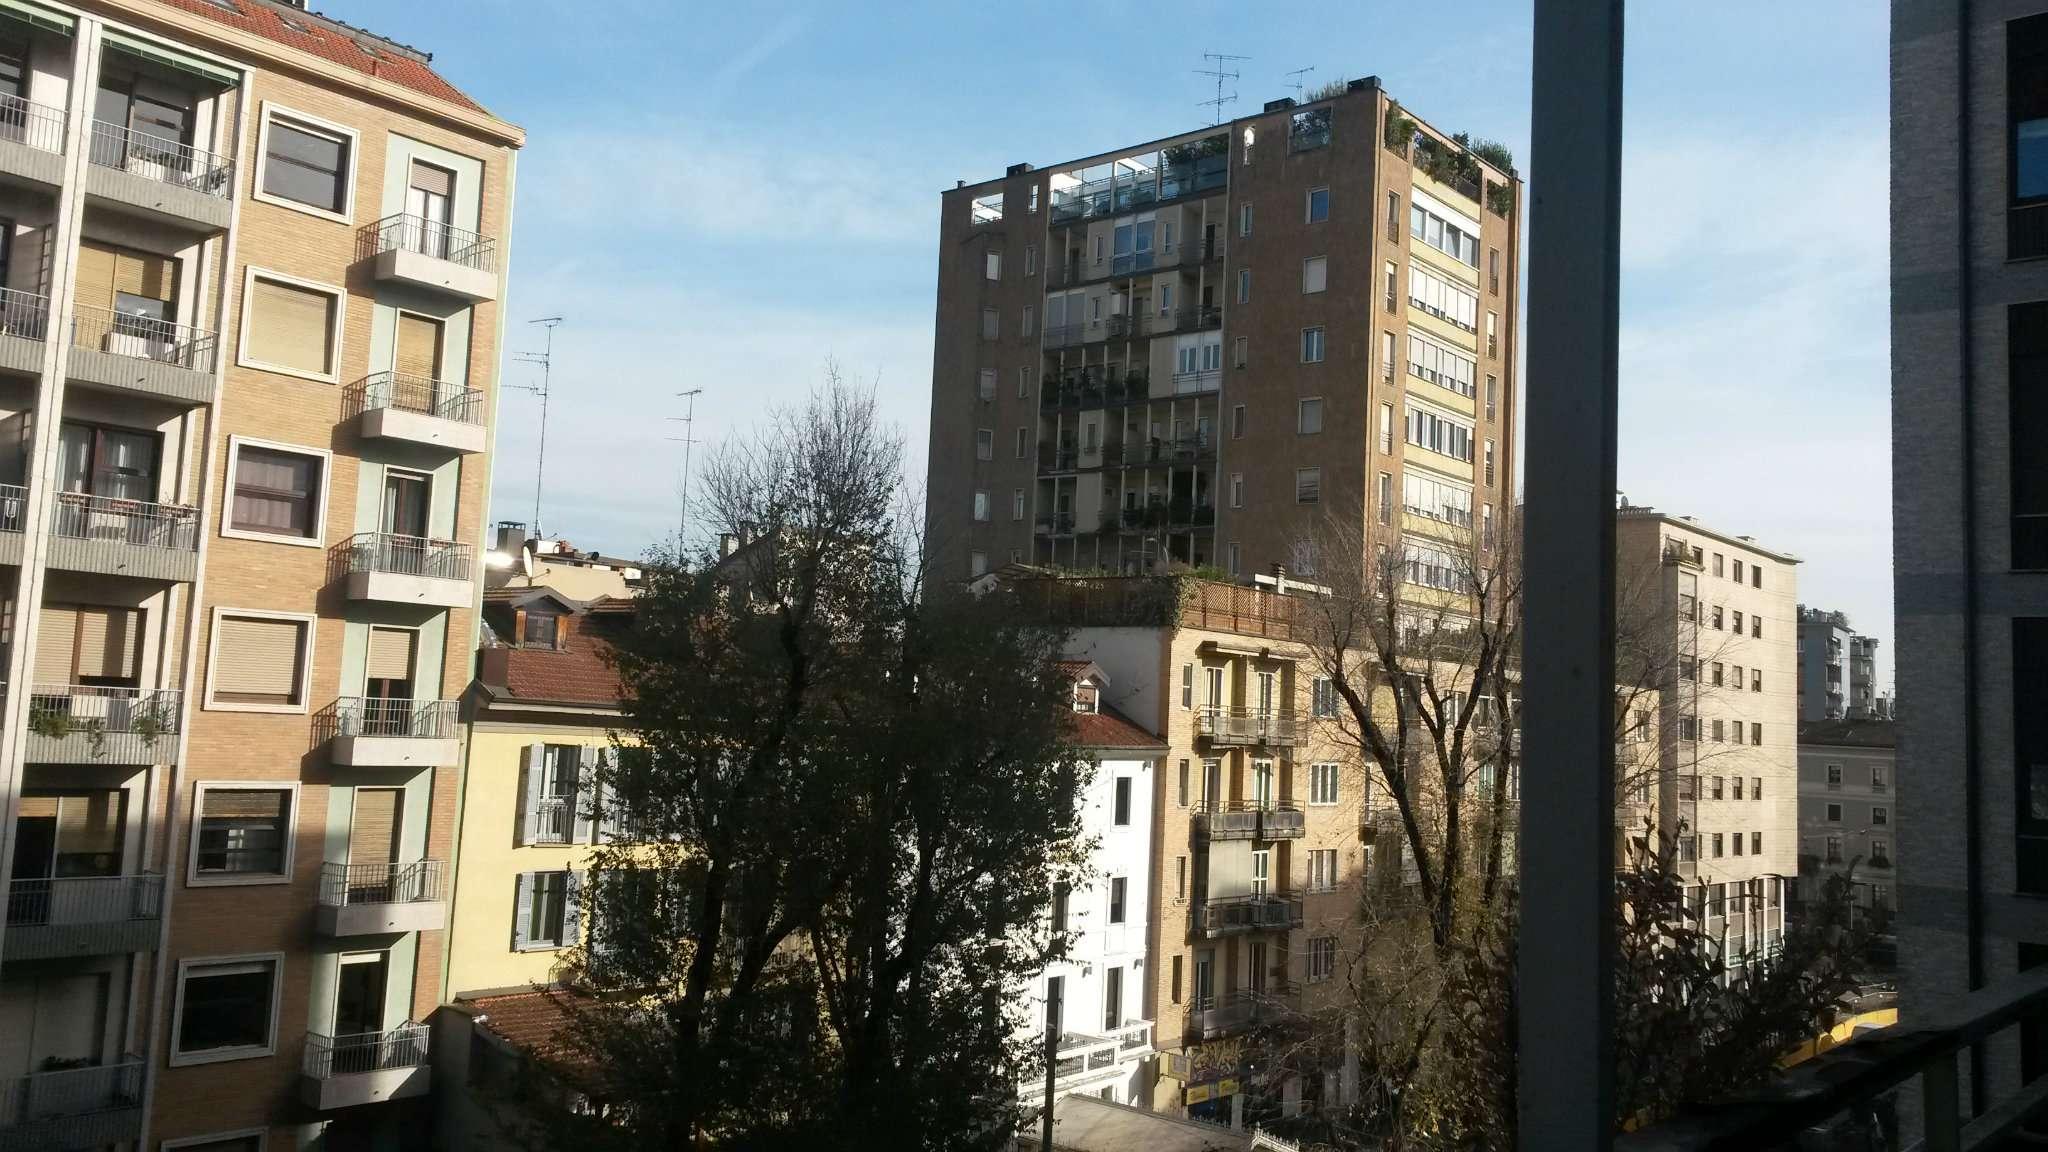 Appartamento in affitto a Milano, 3 locali, zona Zona: 1 . Centro Storico, Duomo, Brera, Cadorna, Cattolica, prezzo € 1.500 | Cambio Casa.it